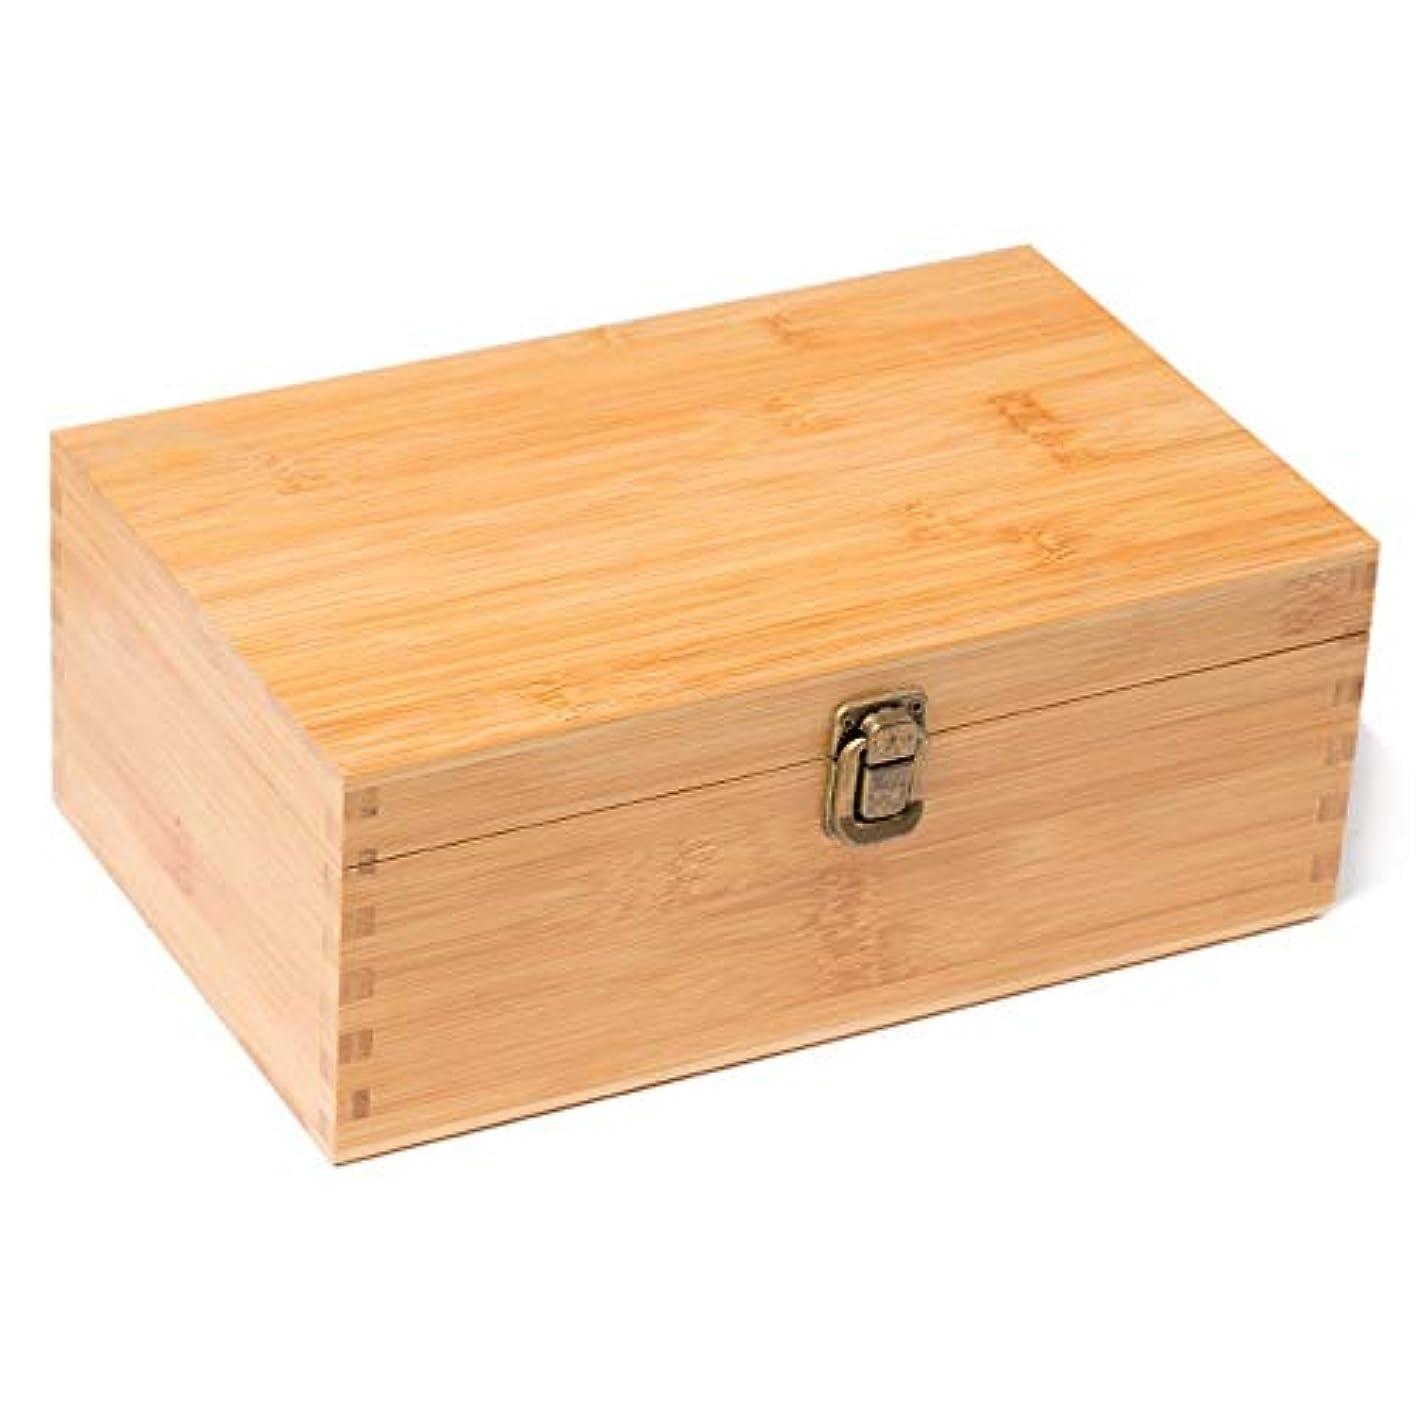 グリットエミュレーションコアエッセンシャルオイルの保管 手作りの木製エッセンシャルオイルストレージボックスオーガナイザーは、油のボトルを保持します (色 : Natural, サイズ : 26.5X16.5X10.5CM)